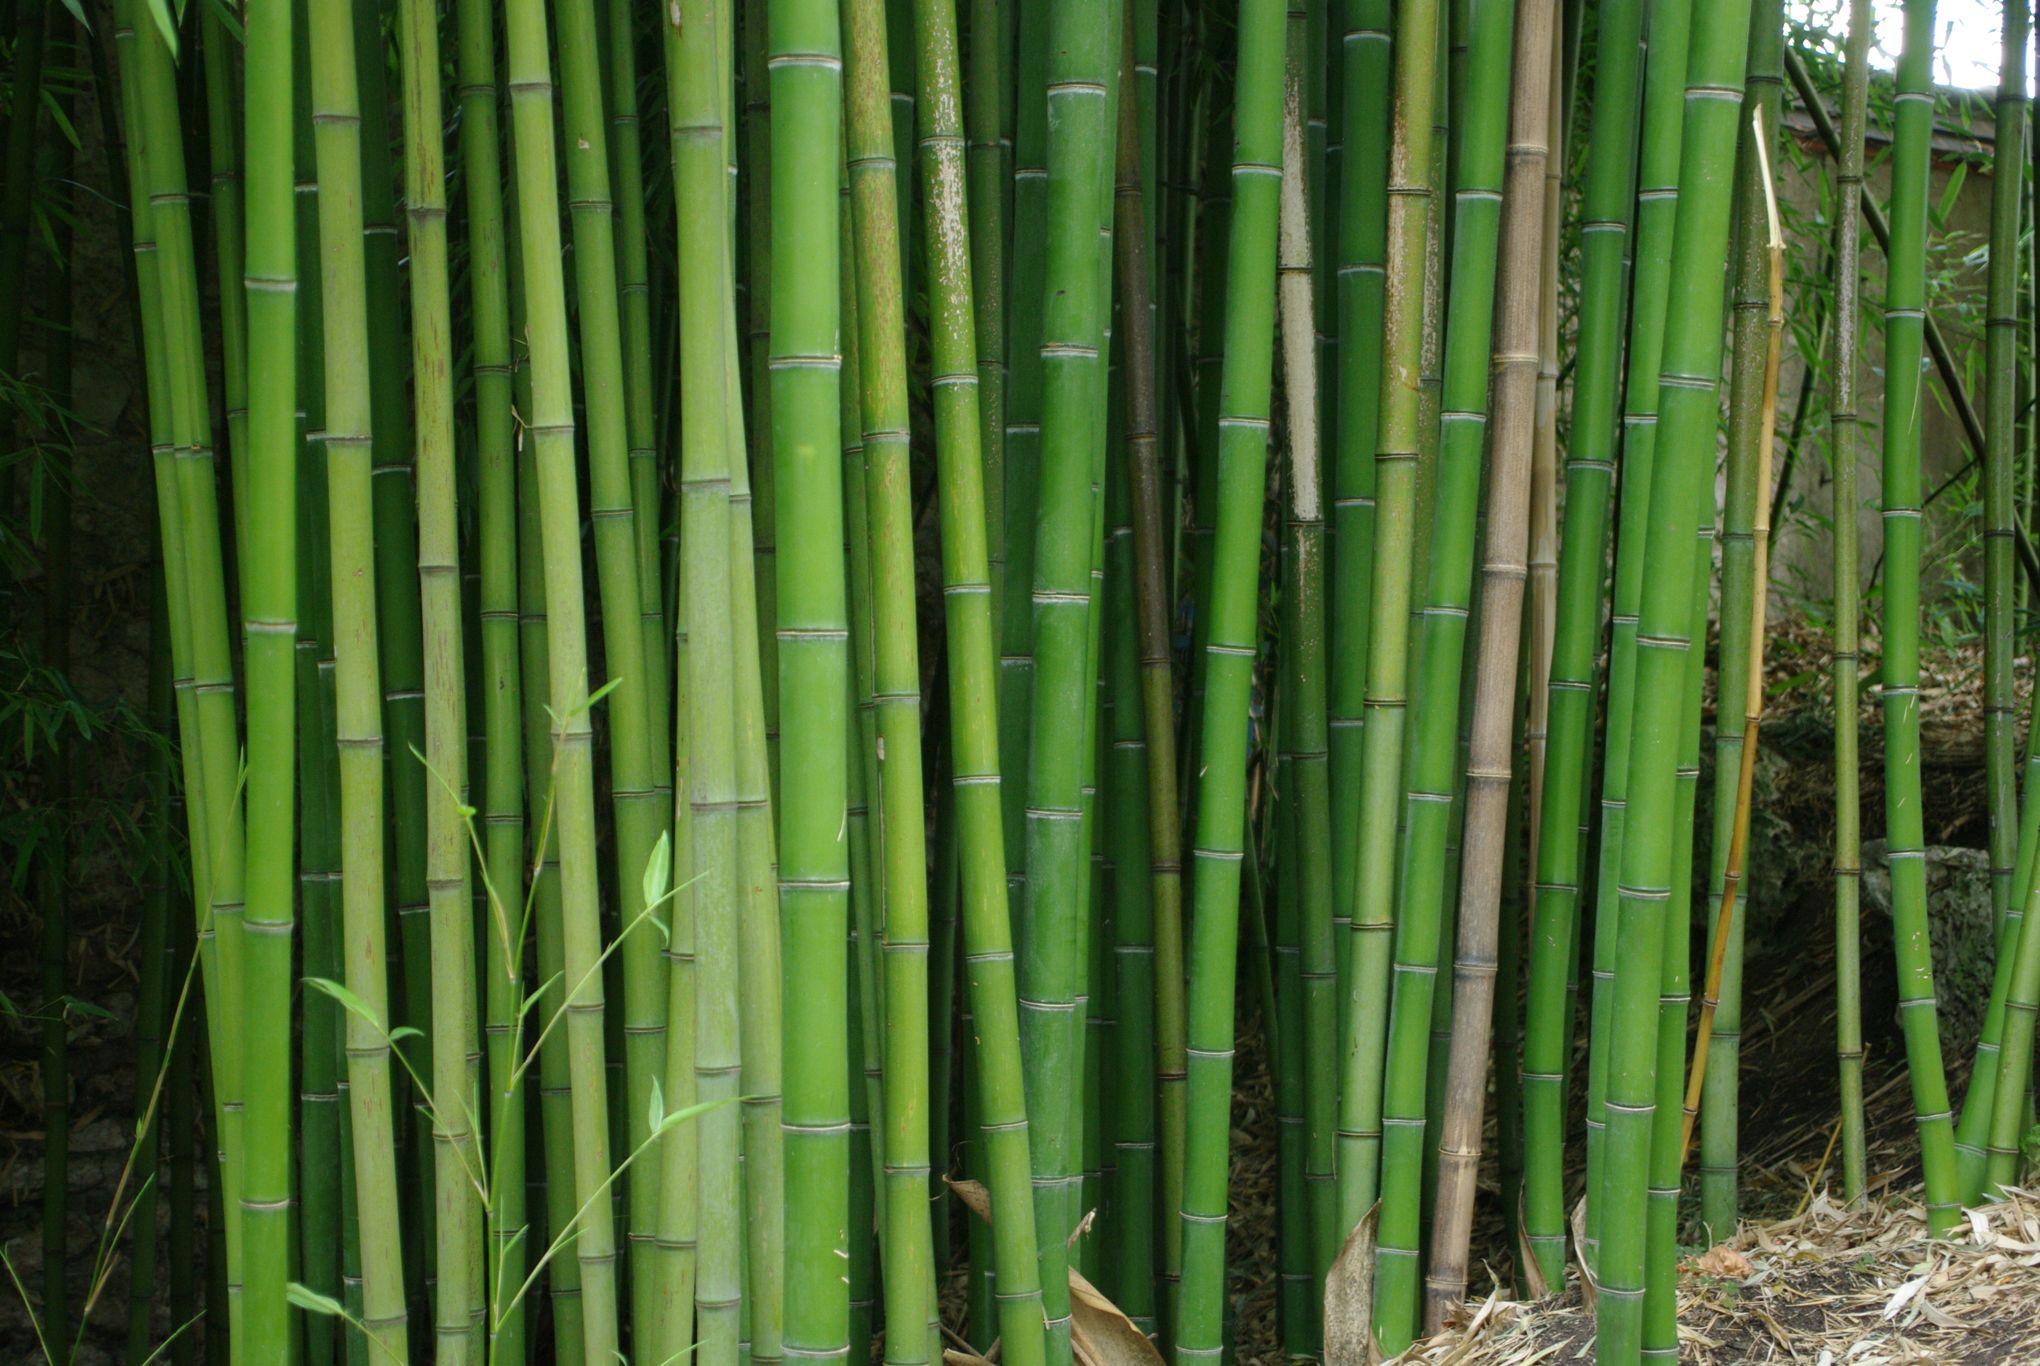 Bambous Traçants : Comment Les Éradiquer ? avec Comment Eliminer Les Bambous Dans Un Jardin